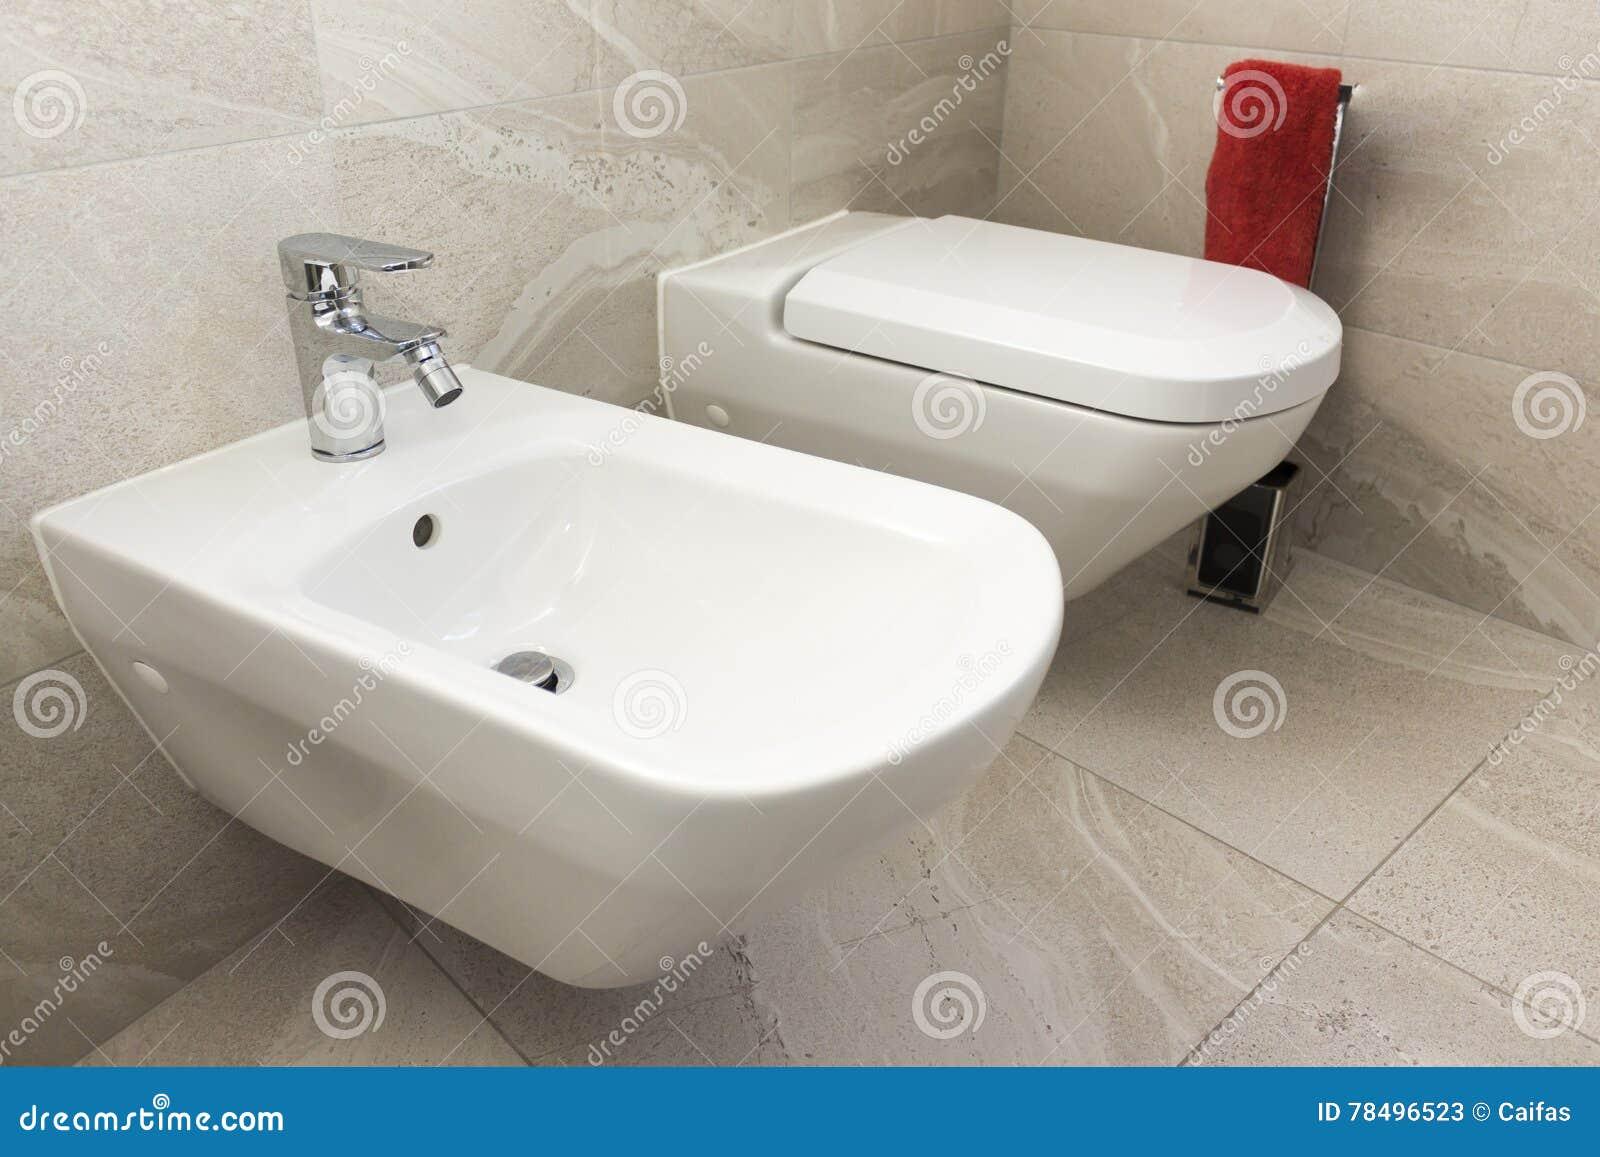 Wc En Badkamers : Badkamer toilet of sanitair laten verbouwen bel bart van dijk